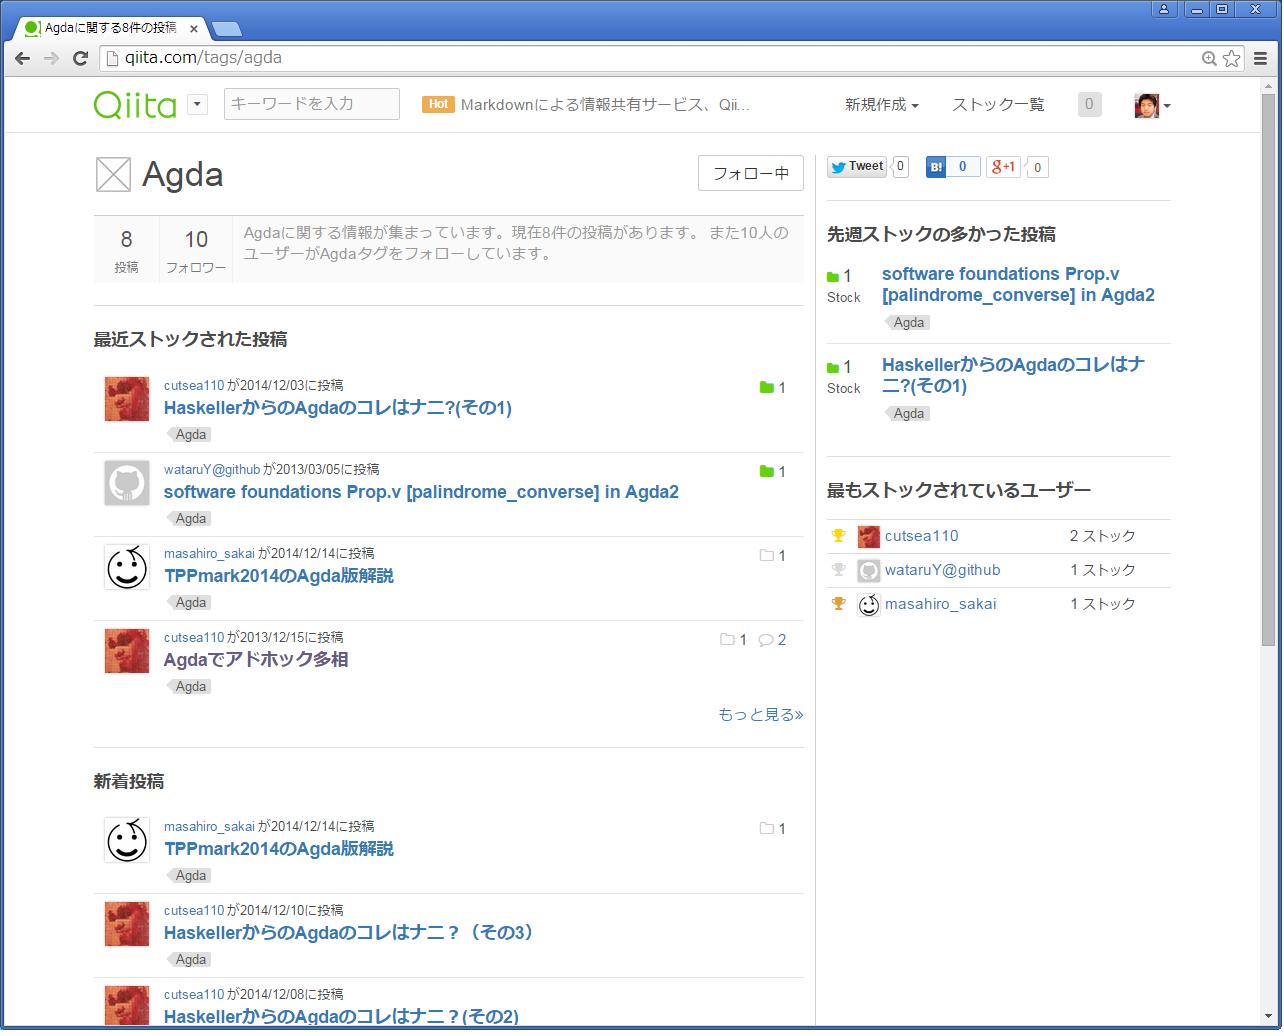 Qiita_Agda_tag.png